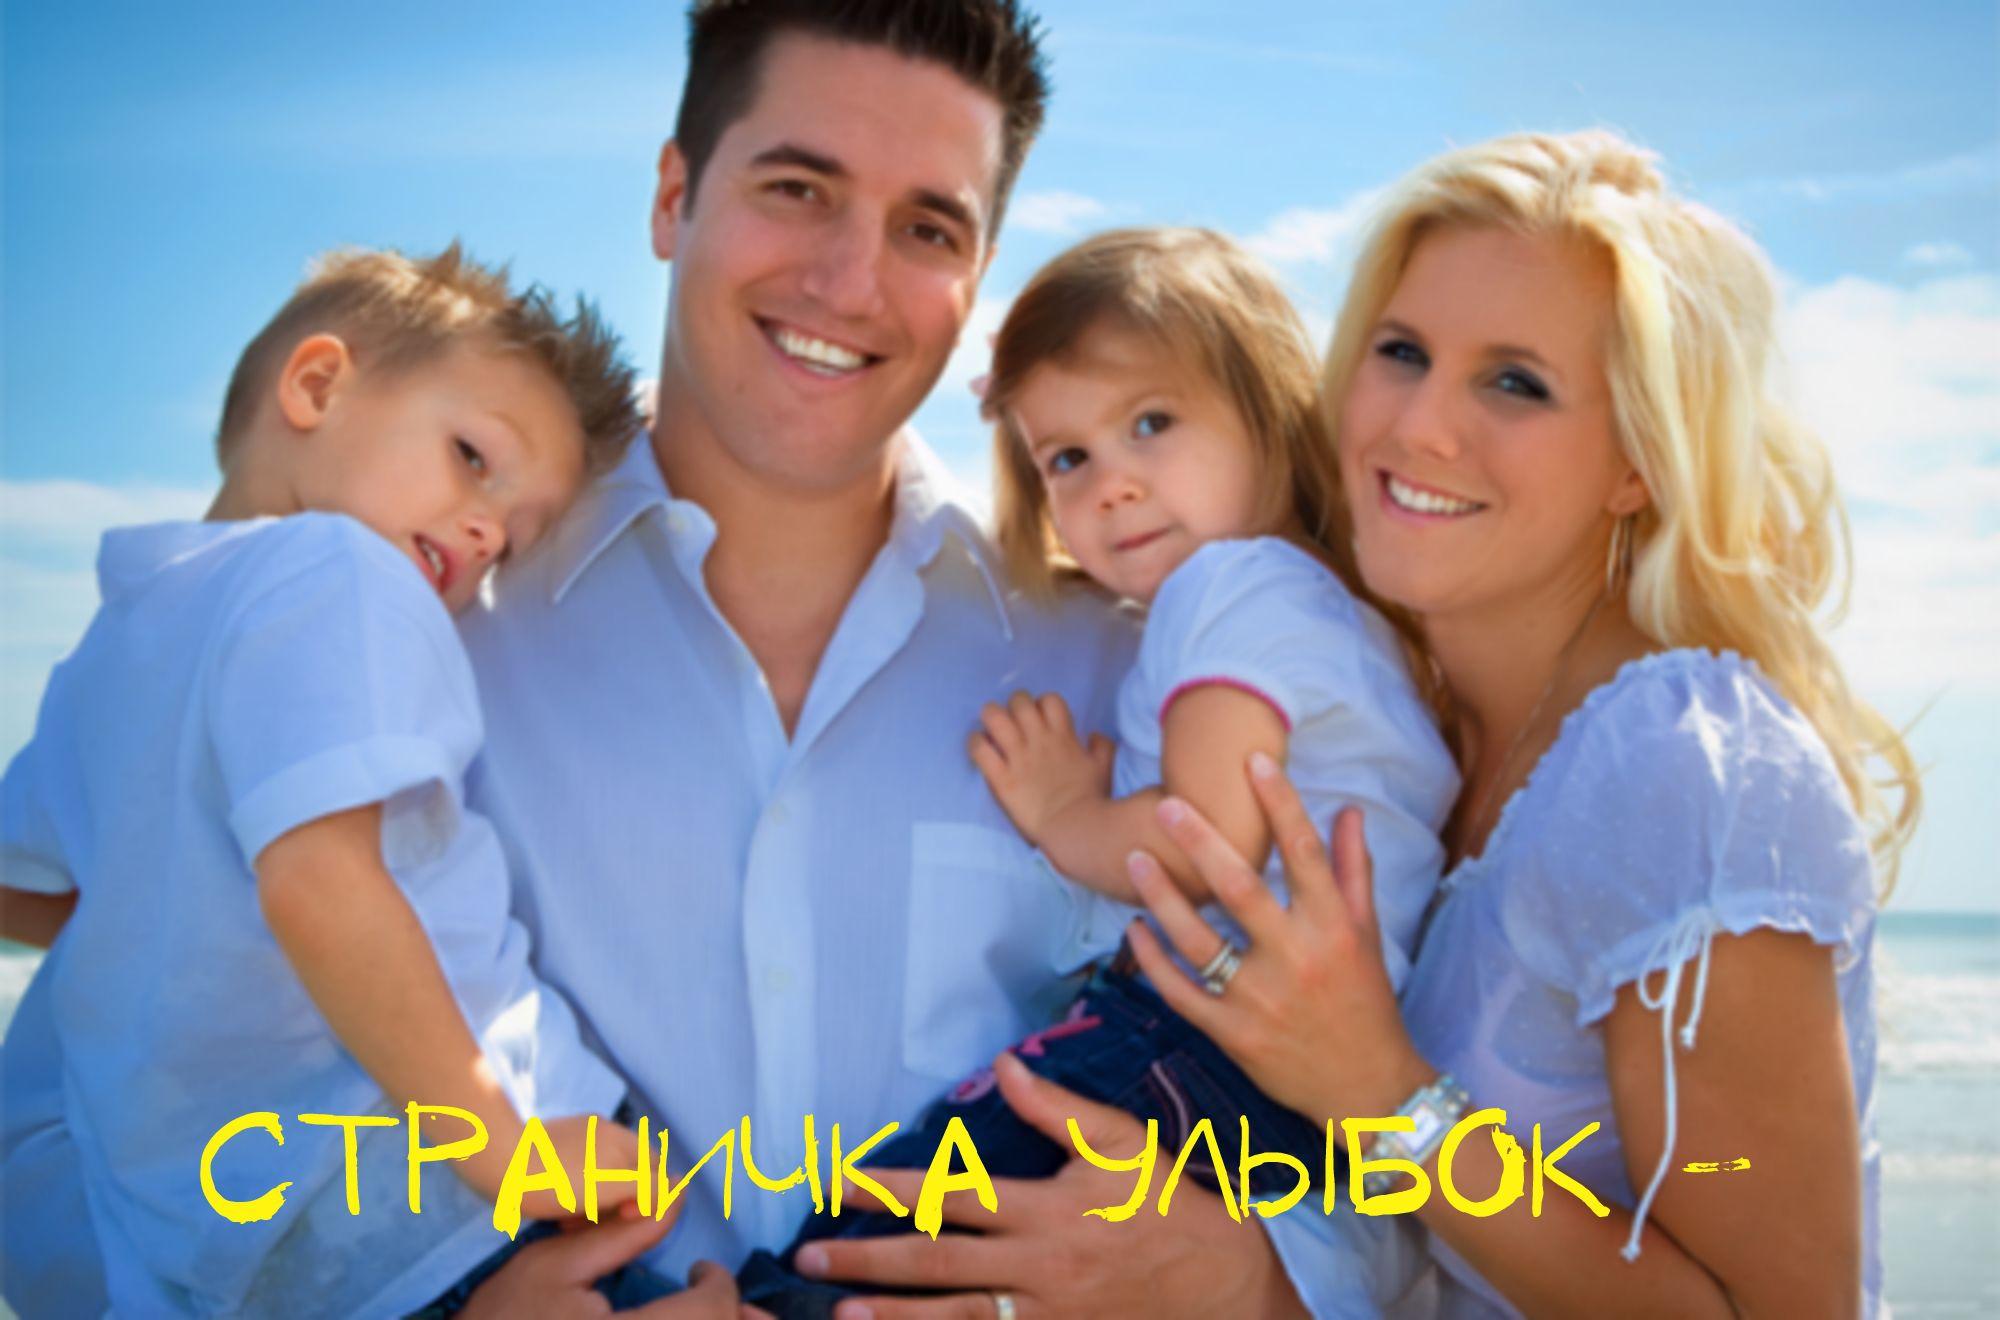 С семьёй на отдыхе фото 14 фотография